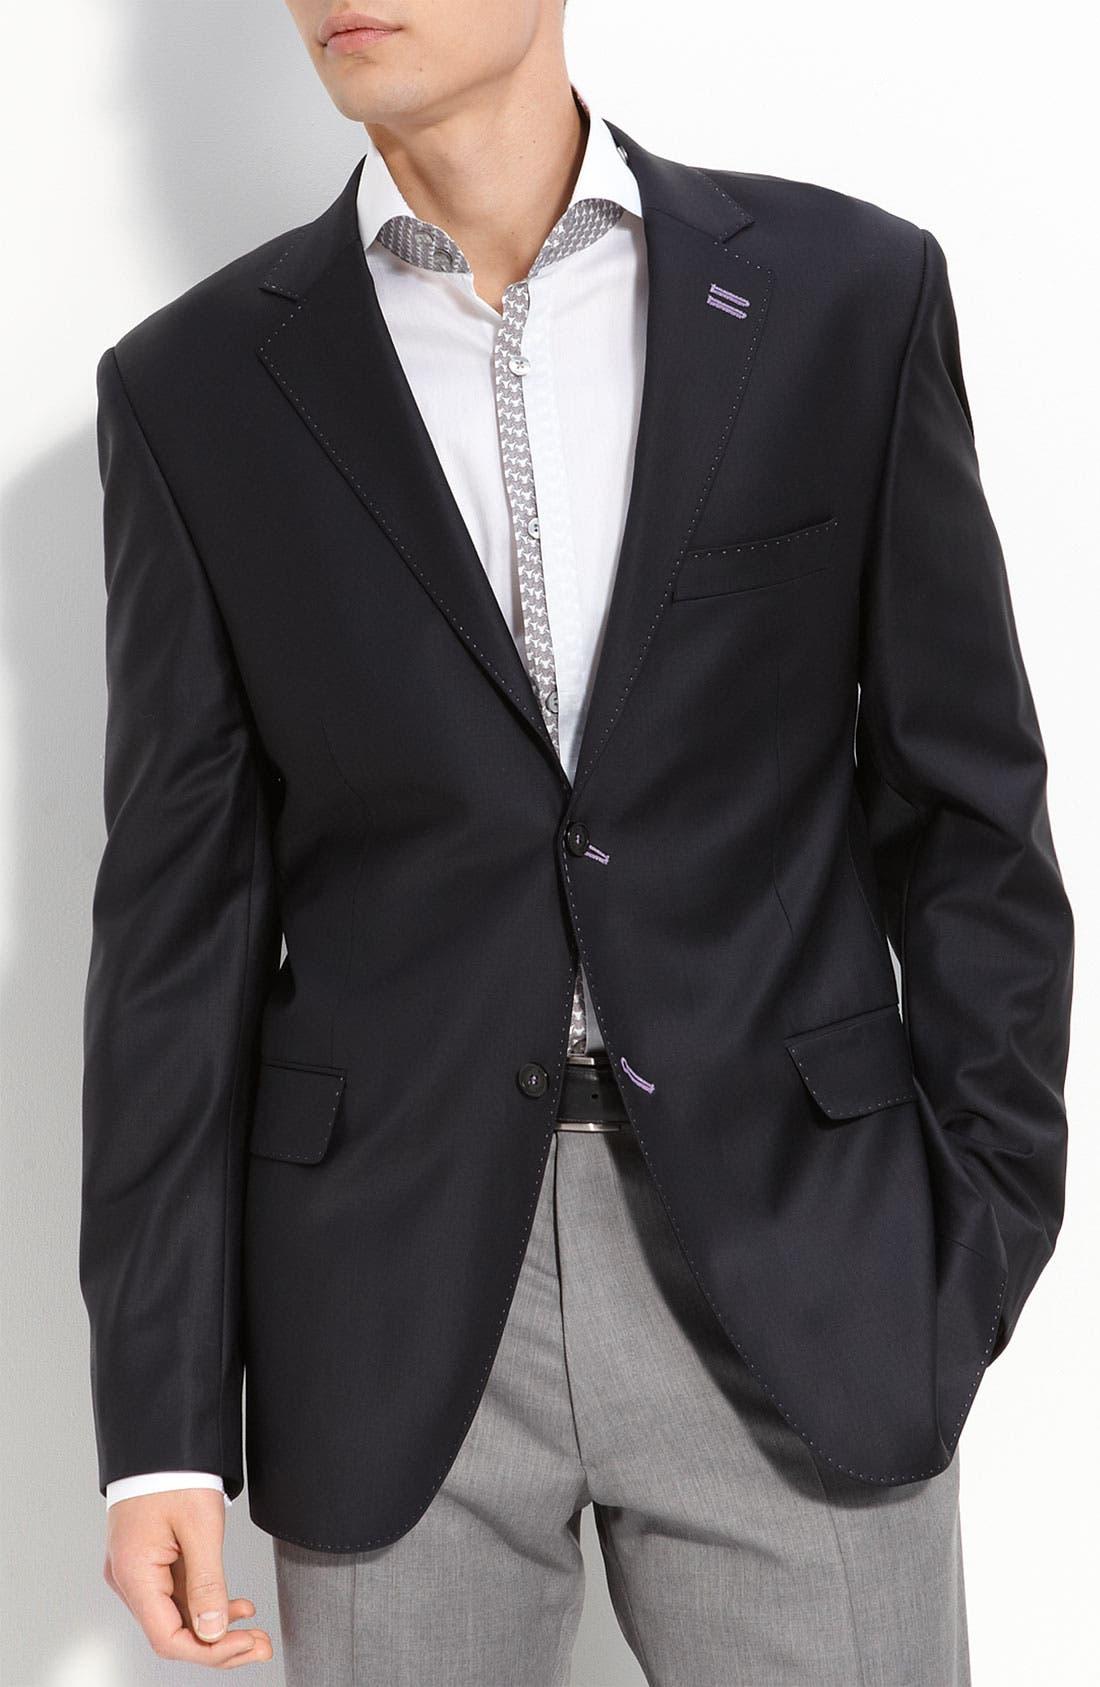 Alternate Image 1 Selected - Bogosse Regular Fit Stretch Wool Blazer